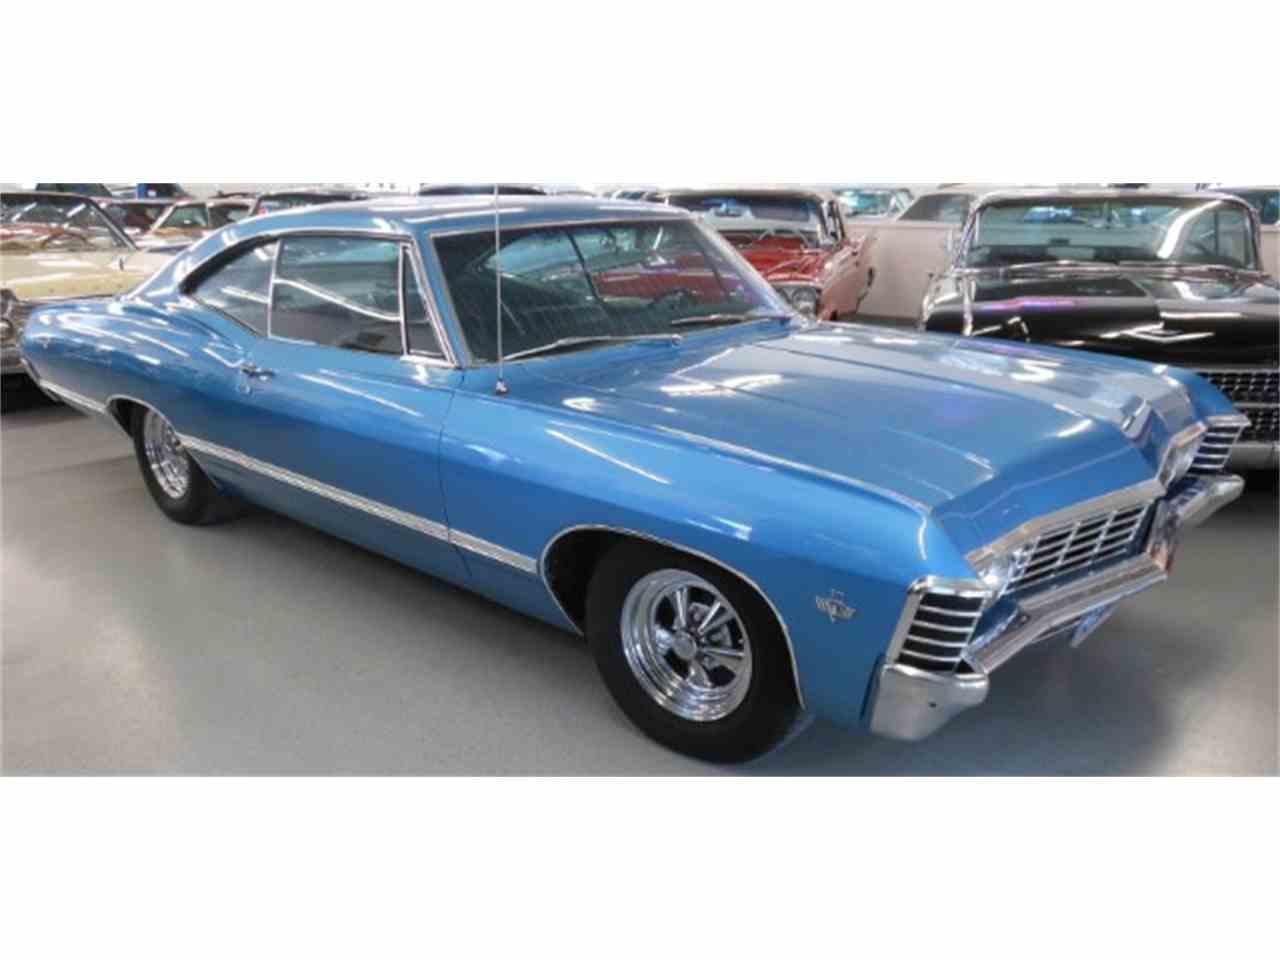 1967 Impala Fuse Box